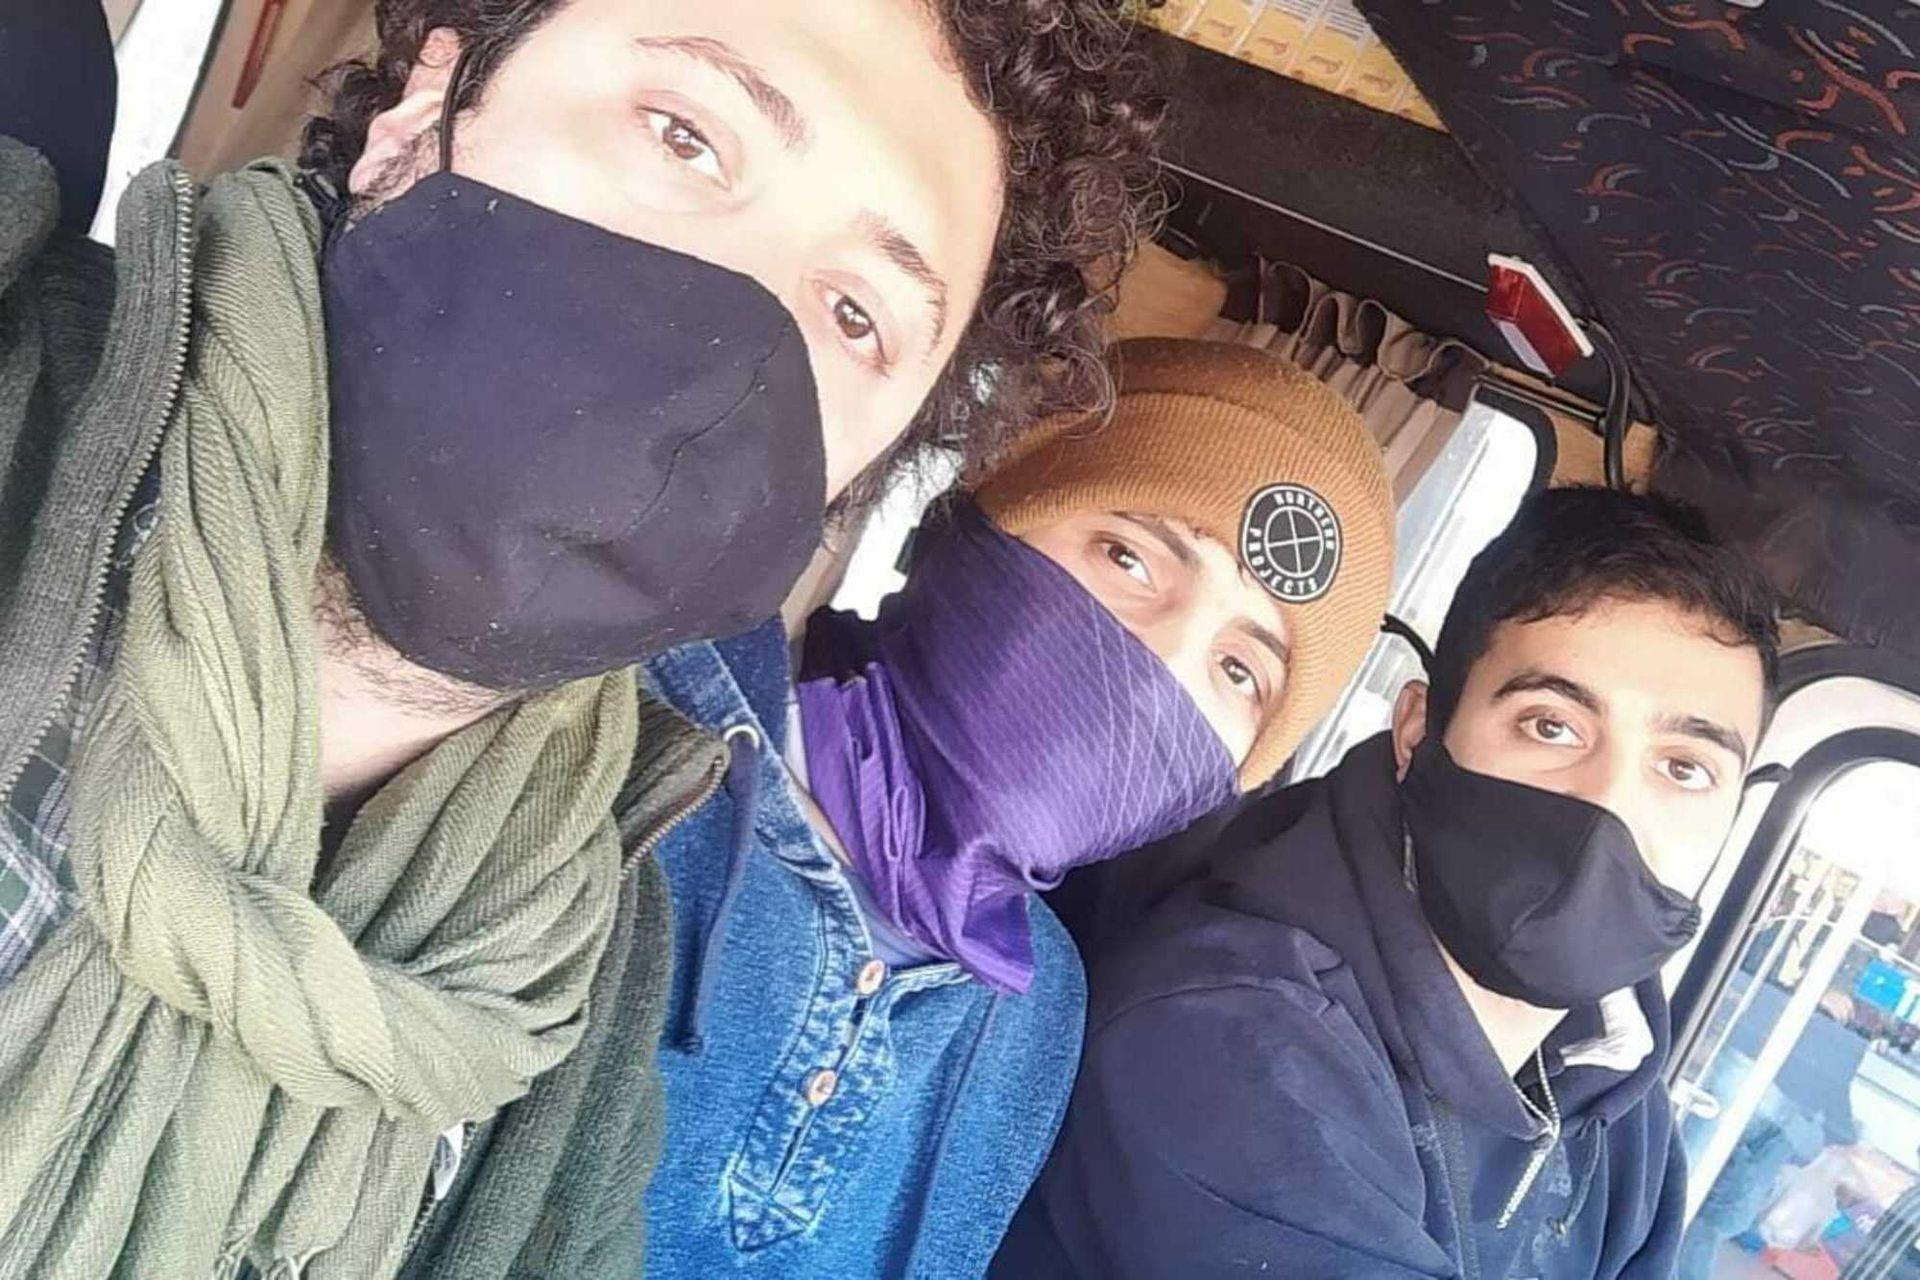 Ignacio, Mateo y Wenceslao Bozikovich vendieron su auto y compraron una camioneta para poder desarrollar su emprendimiento de distribución de alimentos en Chovet